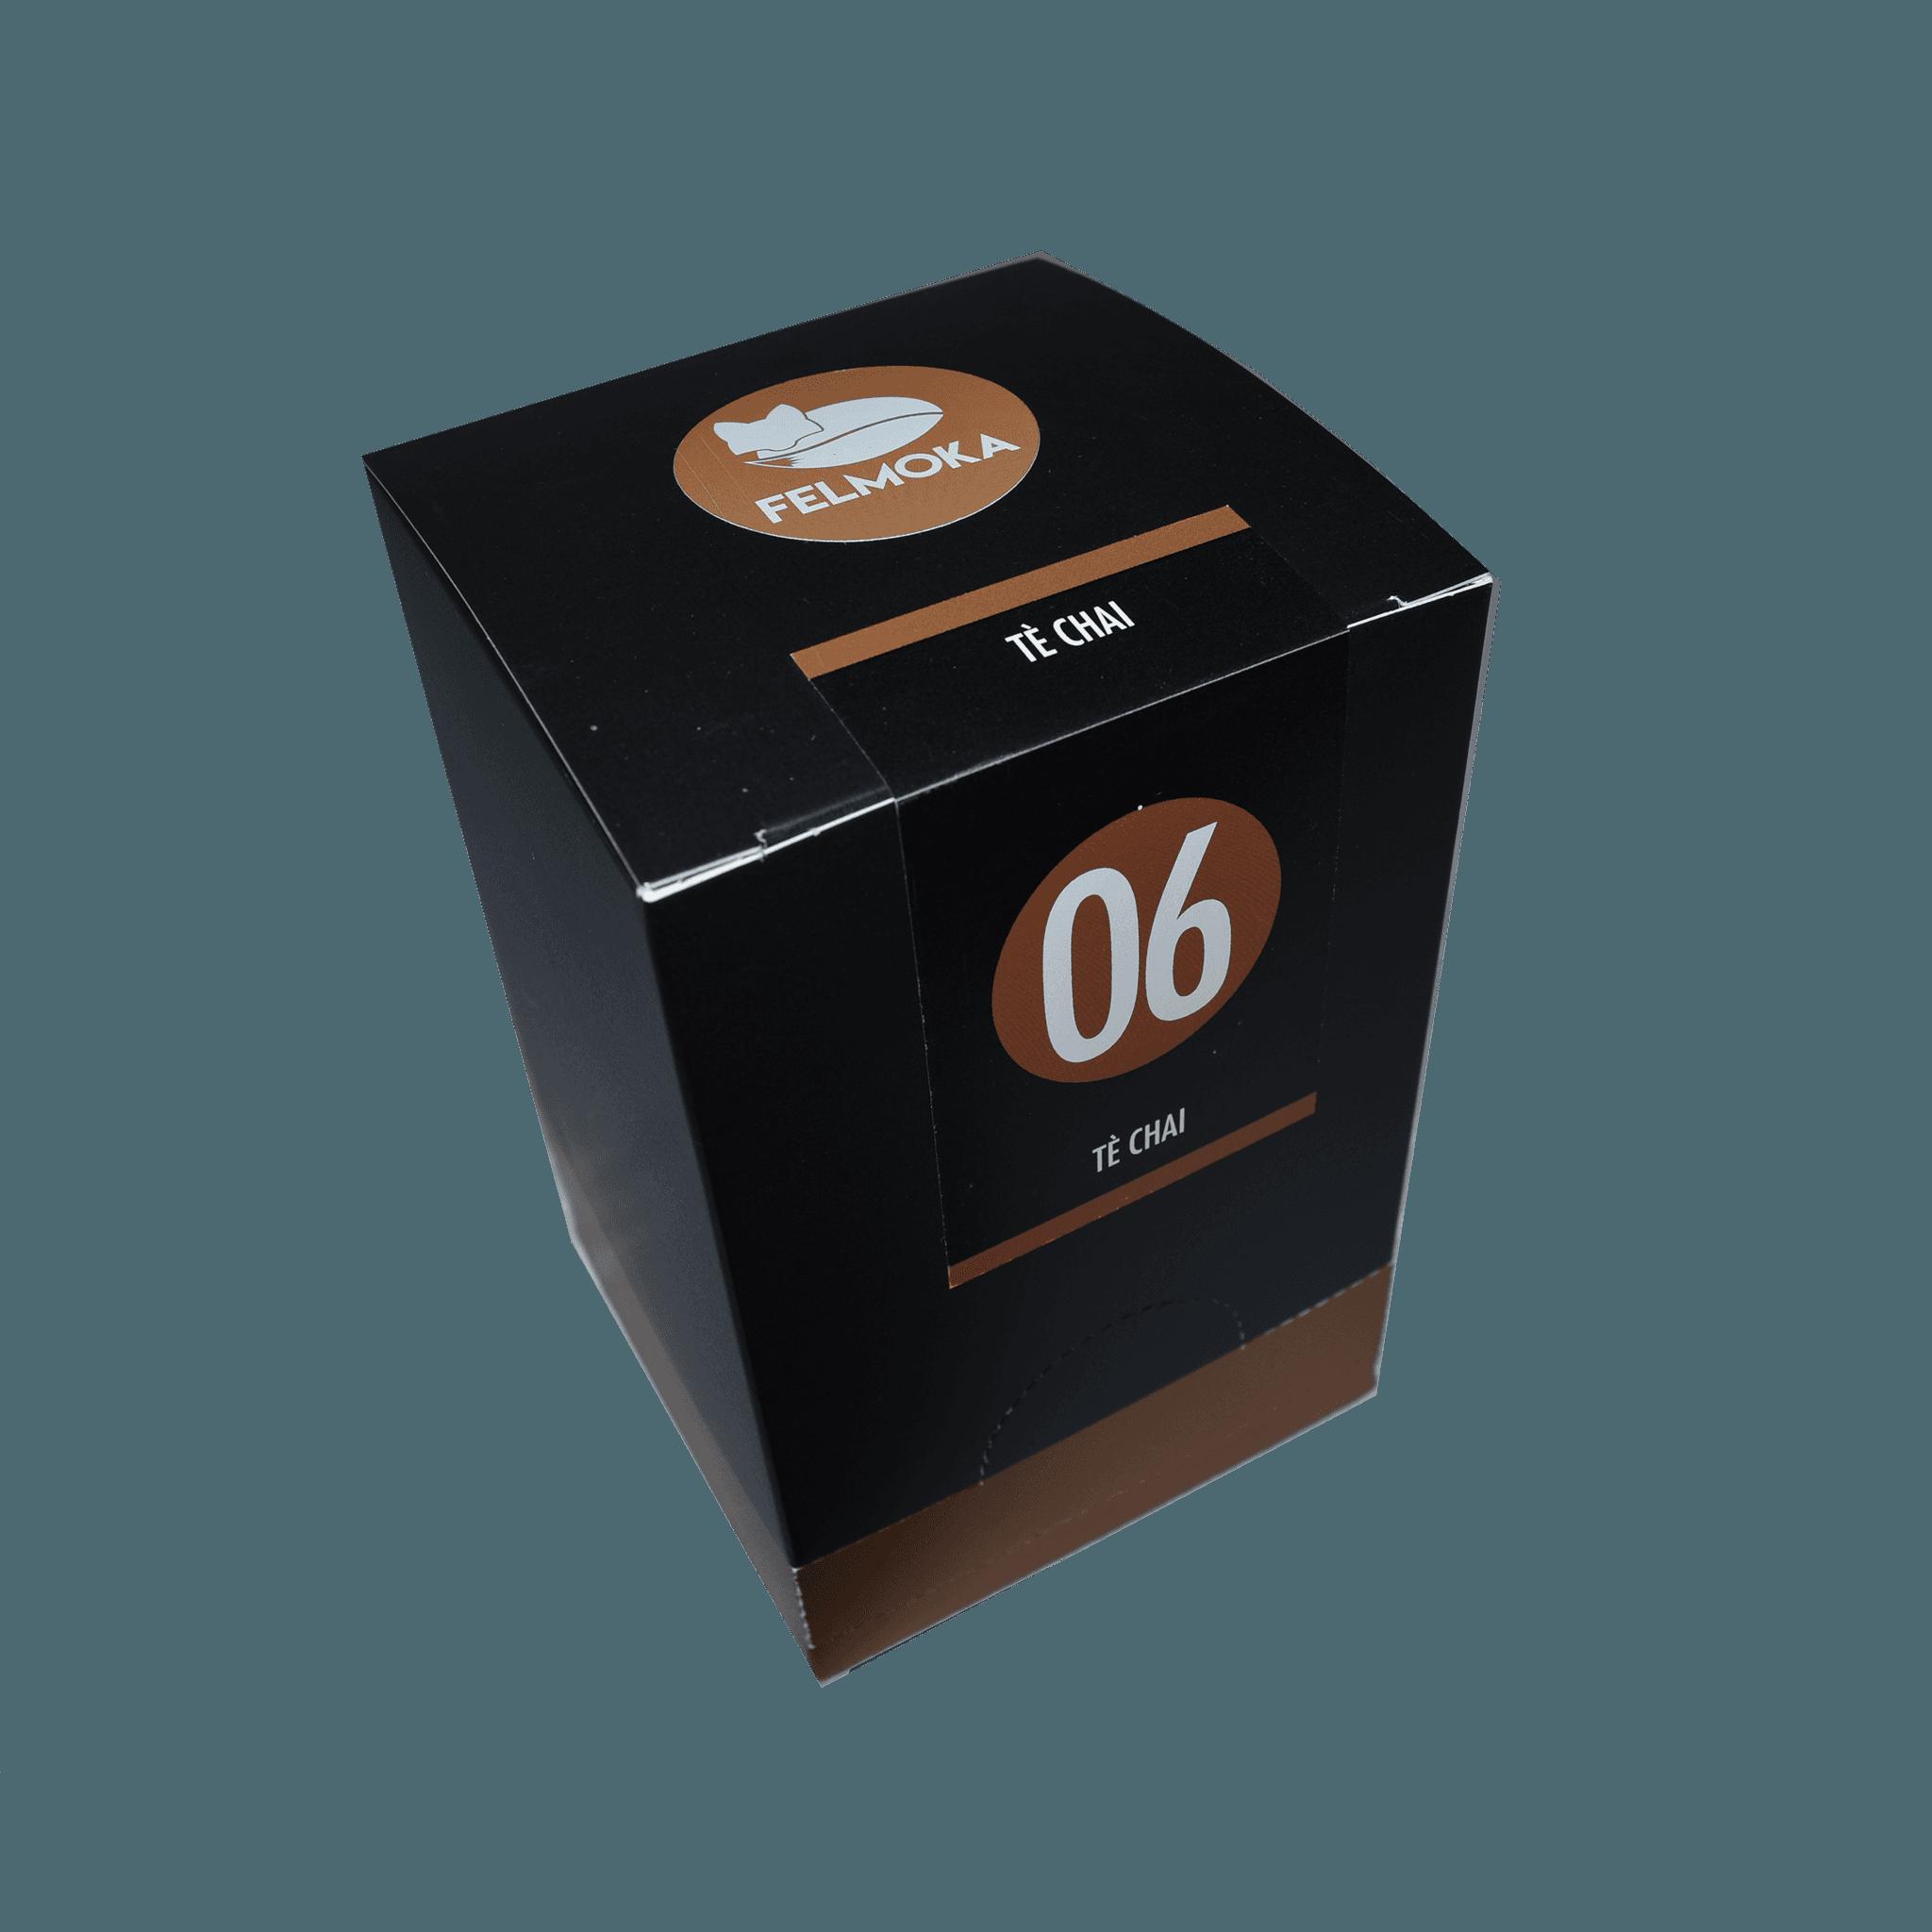 N 06 - Tè Chai